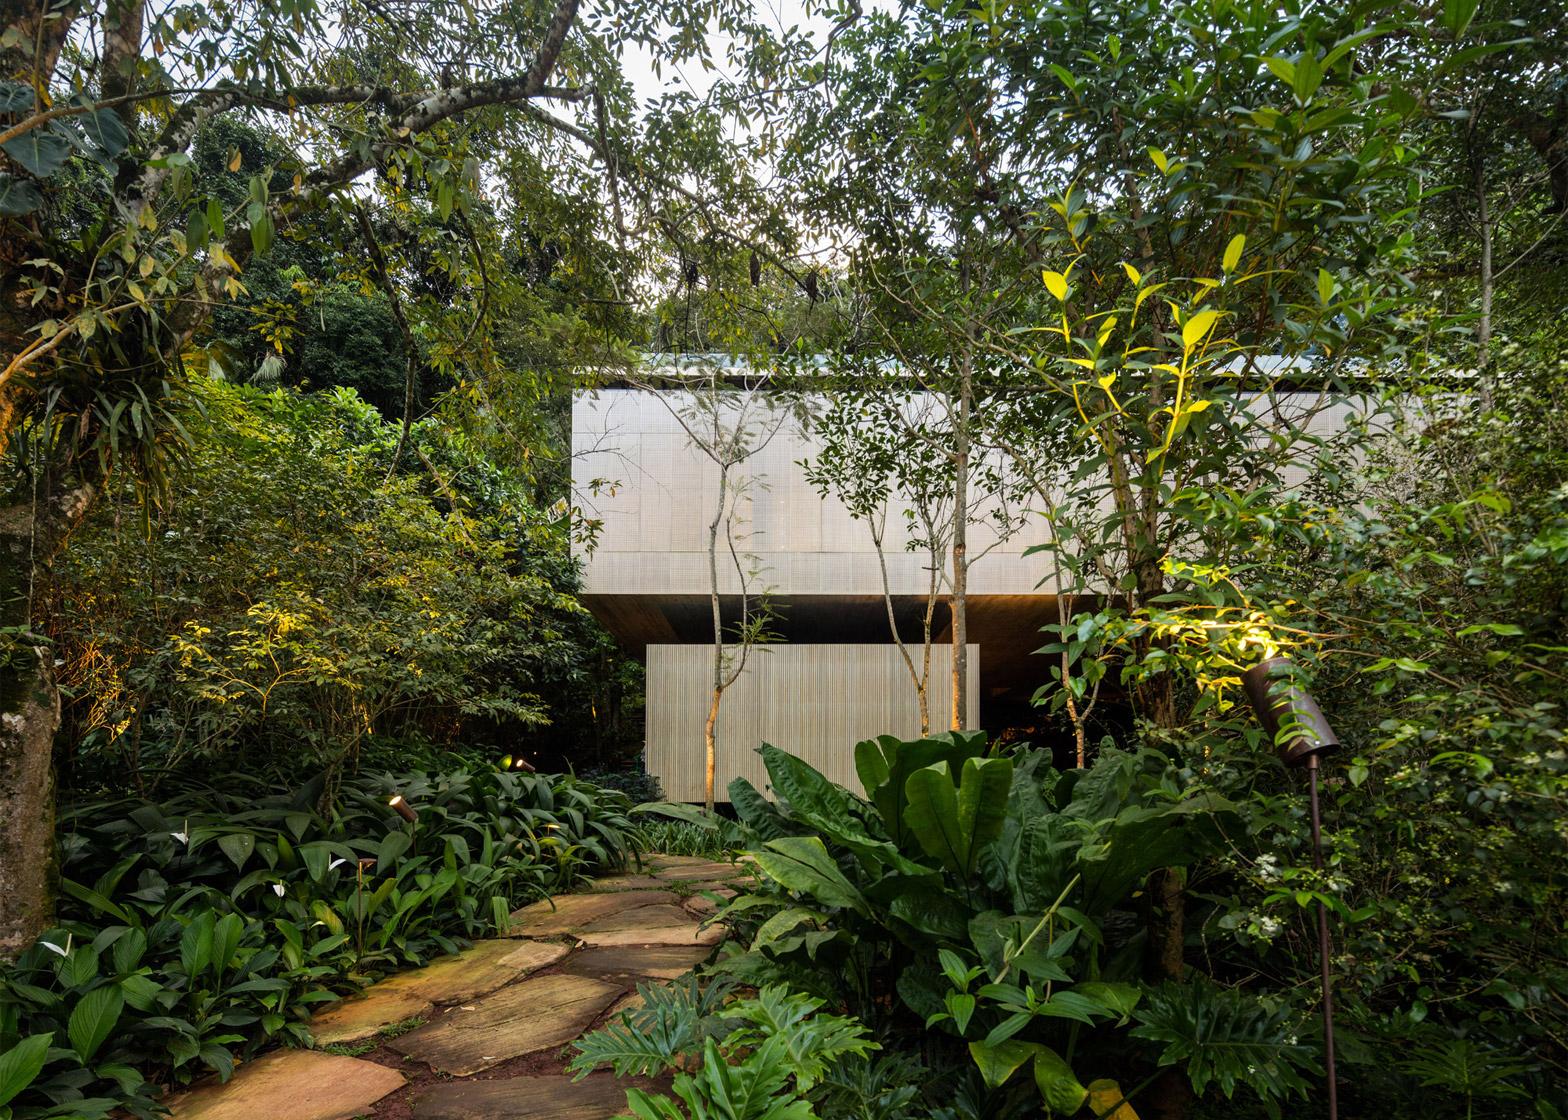 Brazilian Houses Rooftop Infinity Pool Overlooks The Brazilian Rainforest From